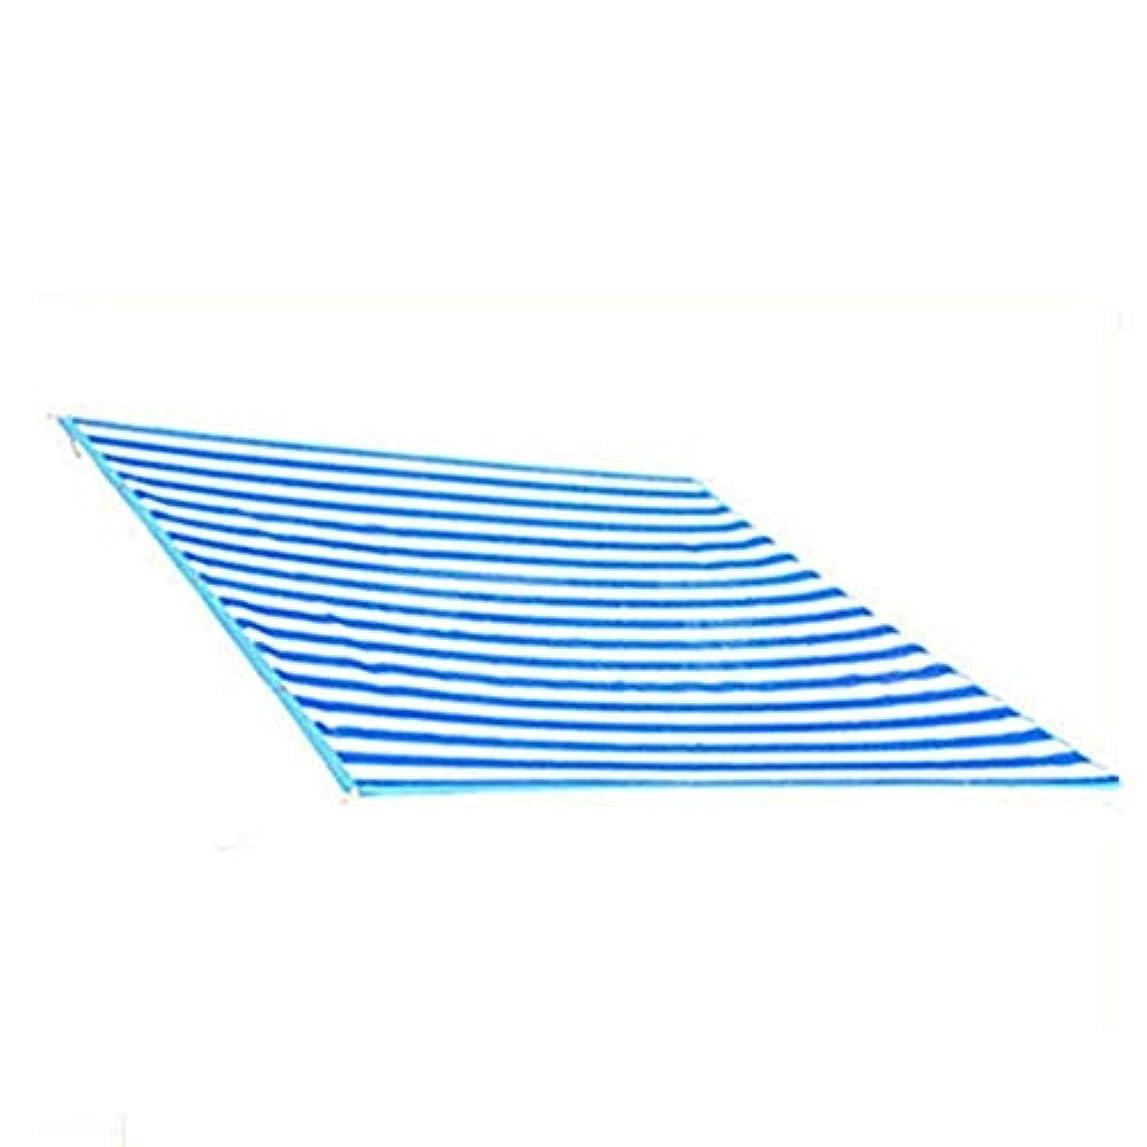 同じこしょう却下する屋外サンターポリンサンシェードネットバルコニーグリーンプラントカーポートマルチサイズオプションブルー135g / M2 (サイズ さいず : 4x4m)